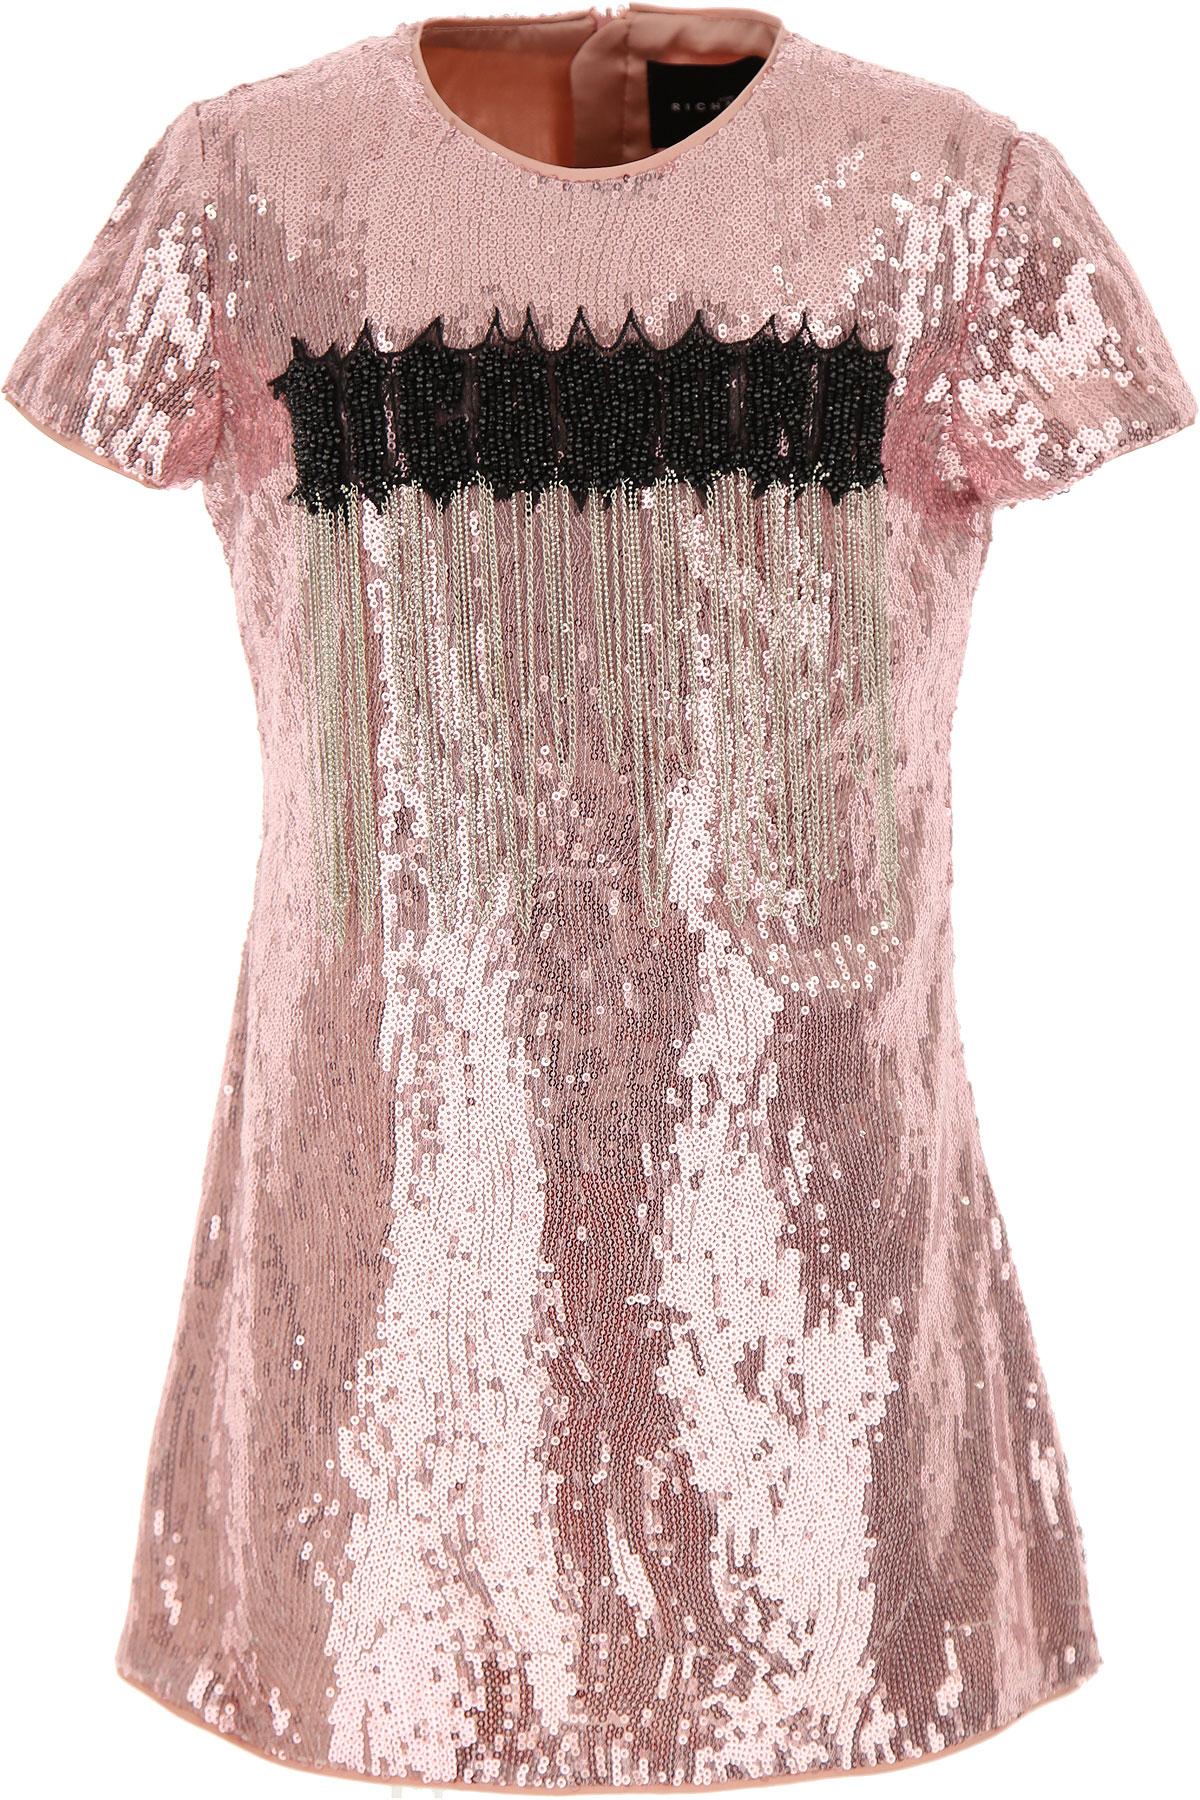 John Richmond Girls Dress On Sale, Pink, polyester, 2019, 10Y 12Y 14Y 16Y 4Y 6Y 8Y